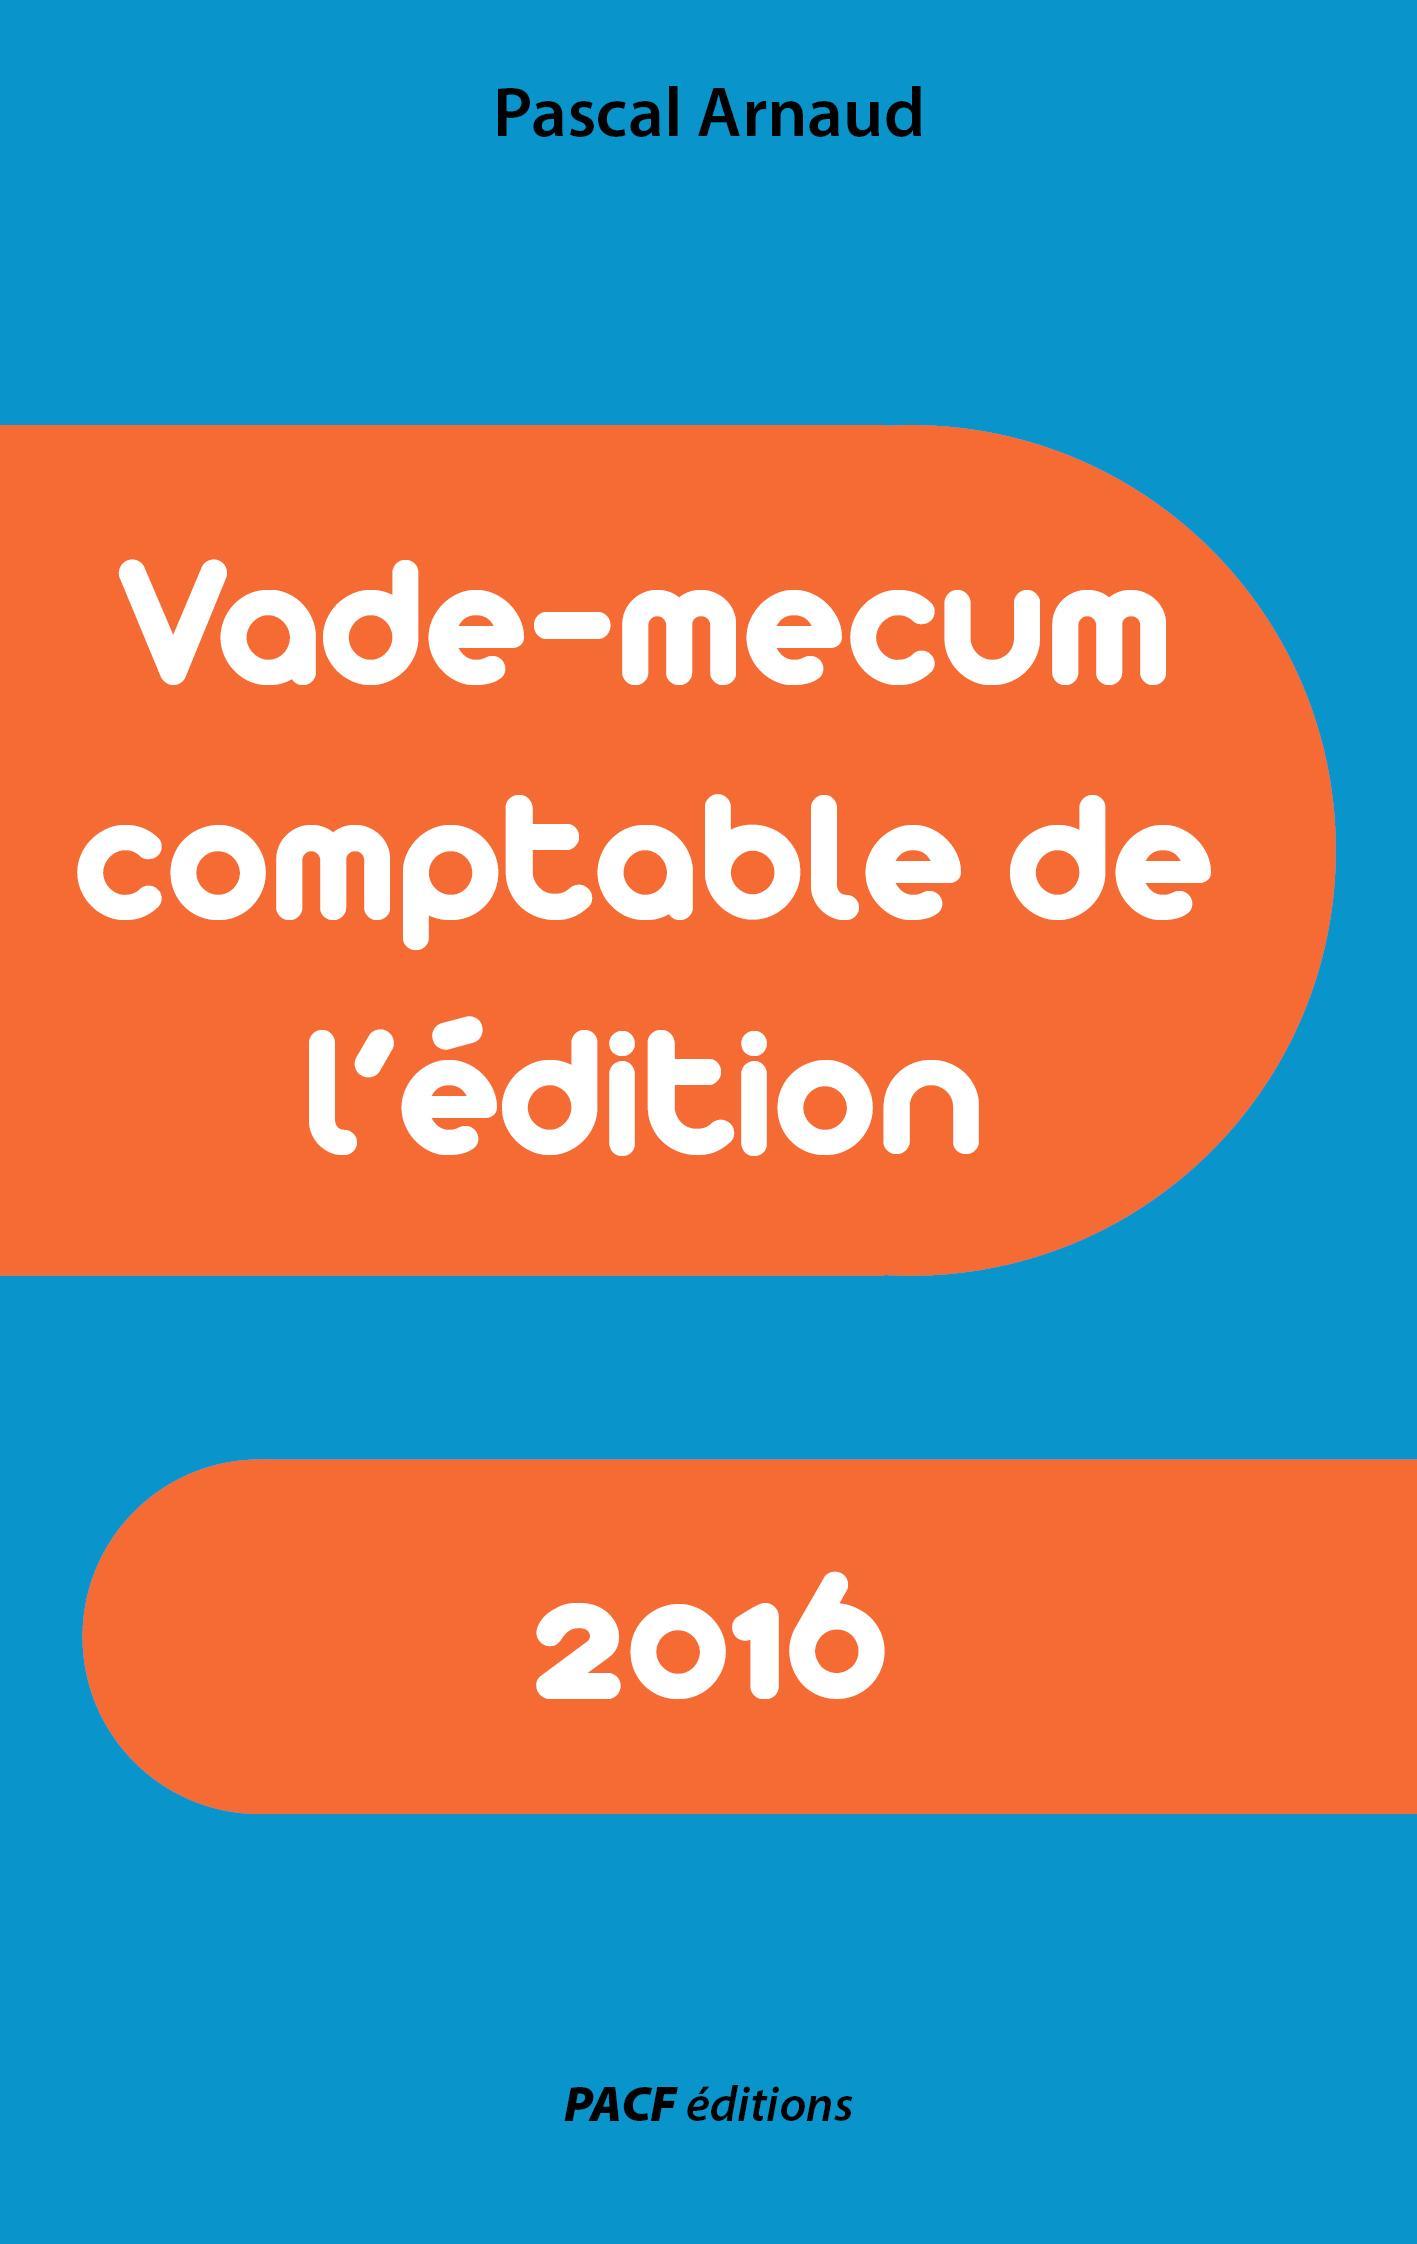 Vade-mecum comptable de l'édition 2016